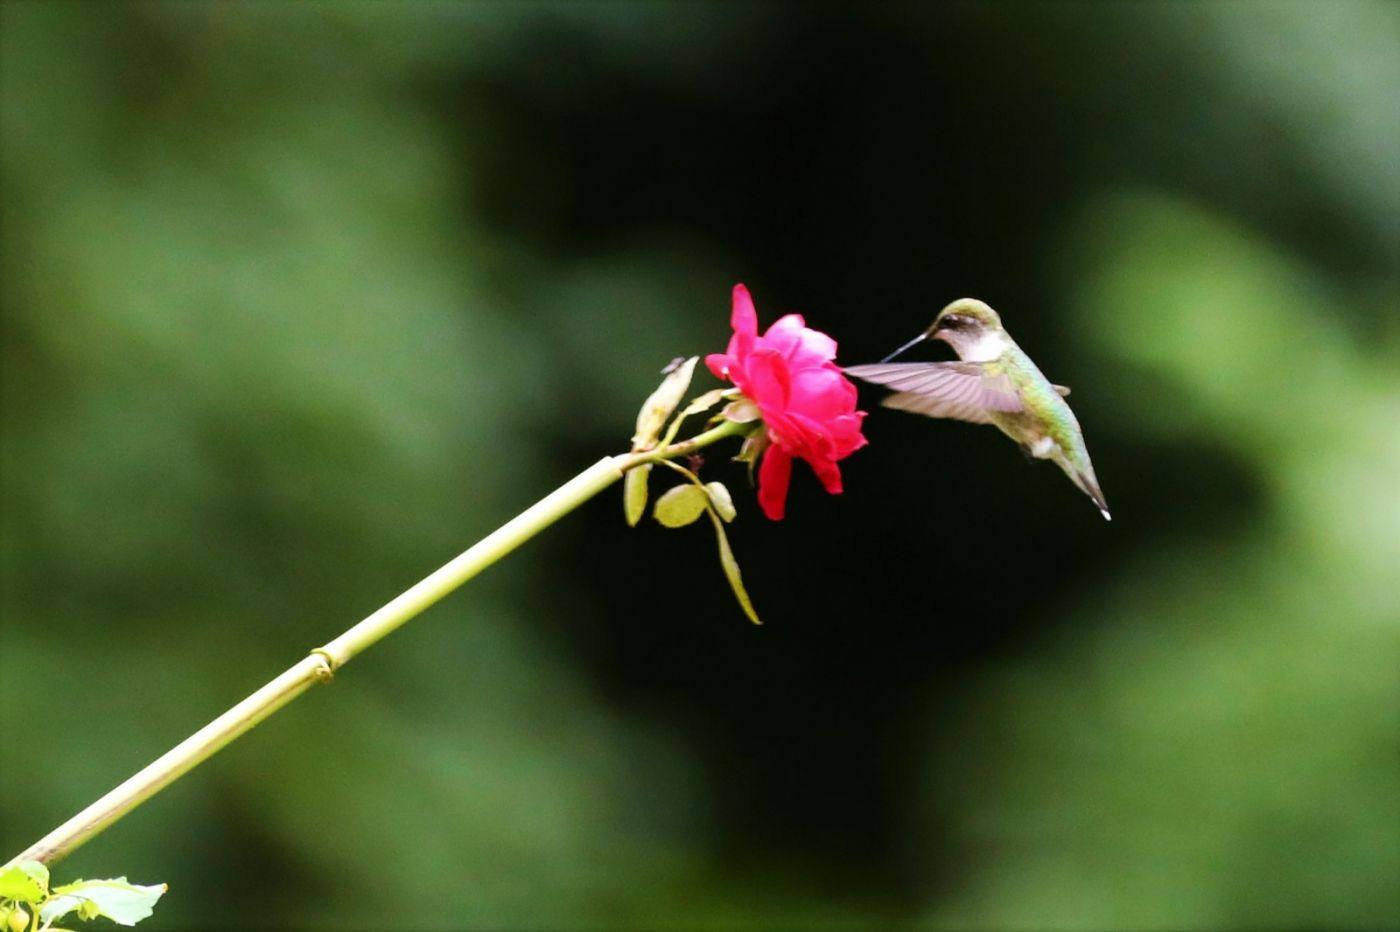 【爱摄影】追拍蜂鸟_图1-6